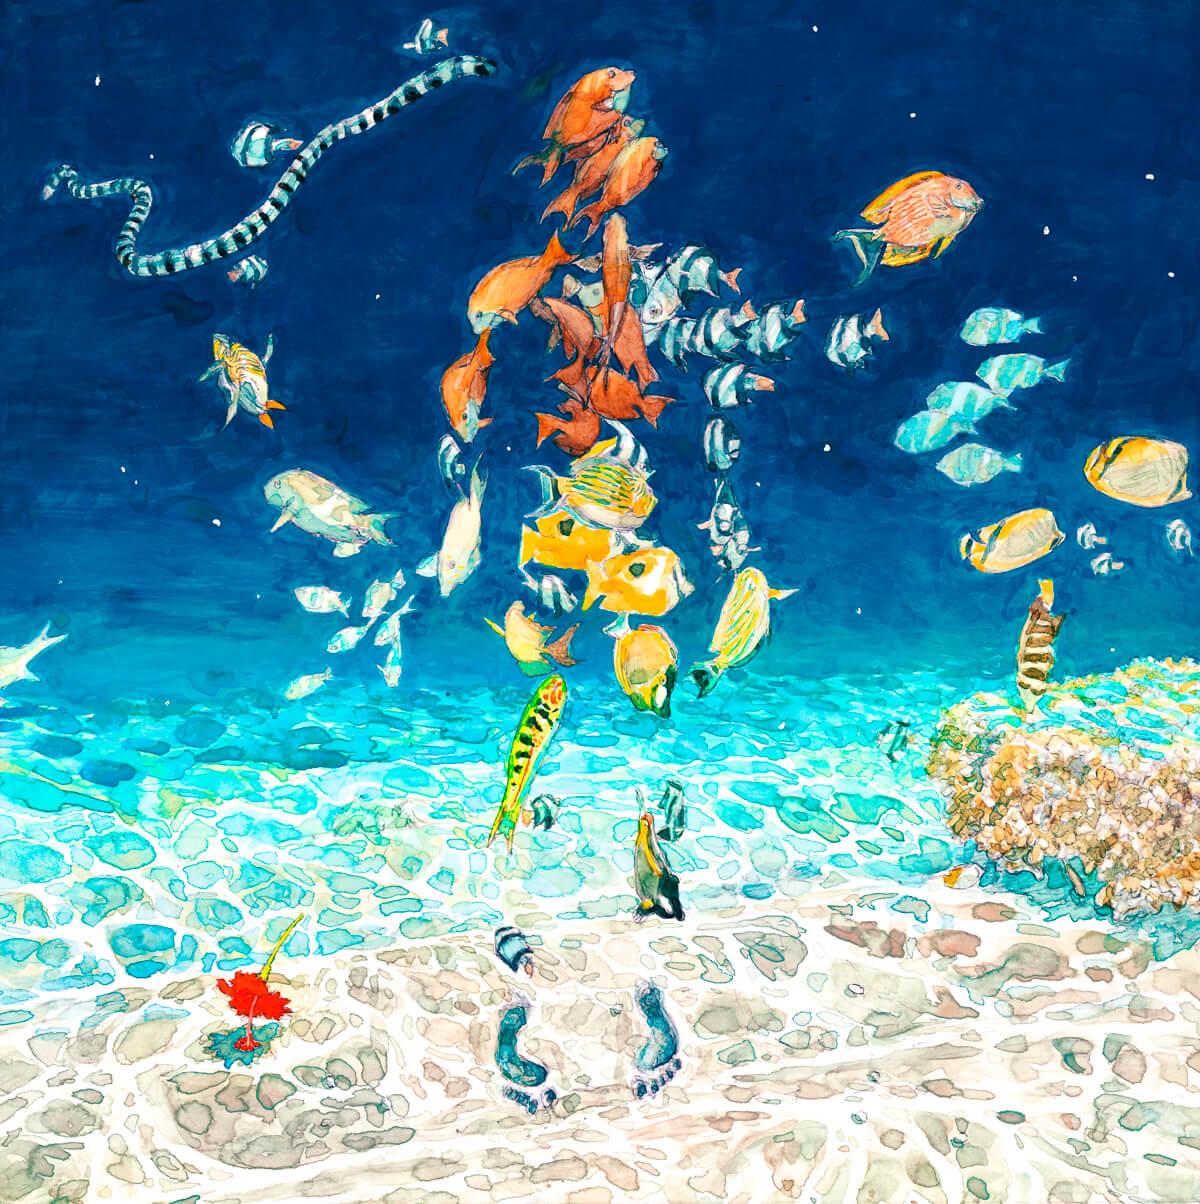 米津玄師『ROCKIN'ON JAPAN』表紙解禁!新曲「海の幽霊」「Lemon」以降の超貴重振り返りロングインタビュー掲載 music190524_yonezukenshi_1